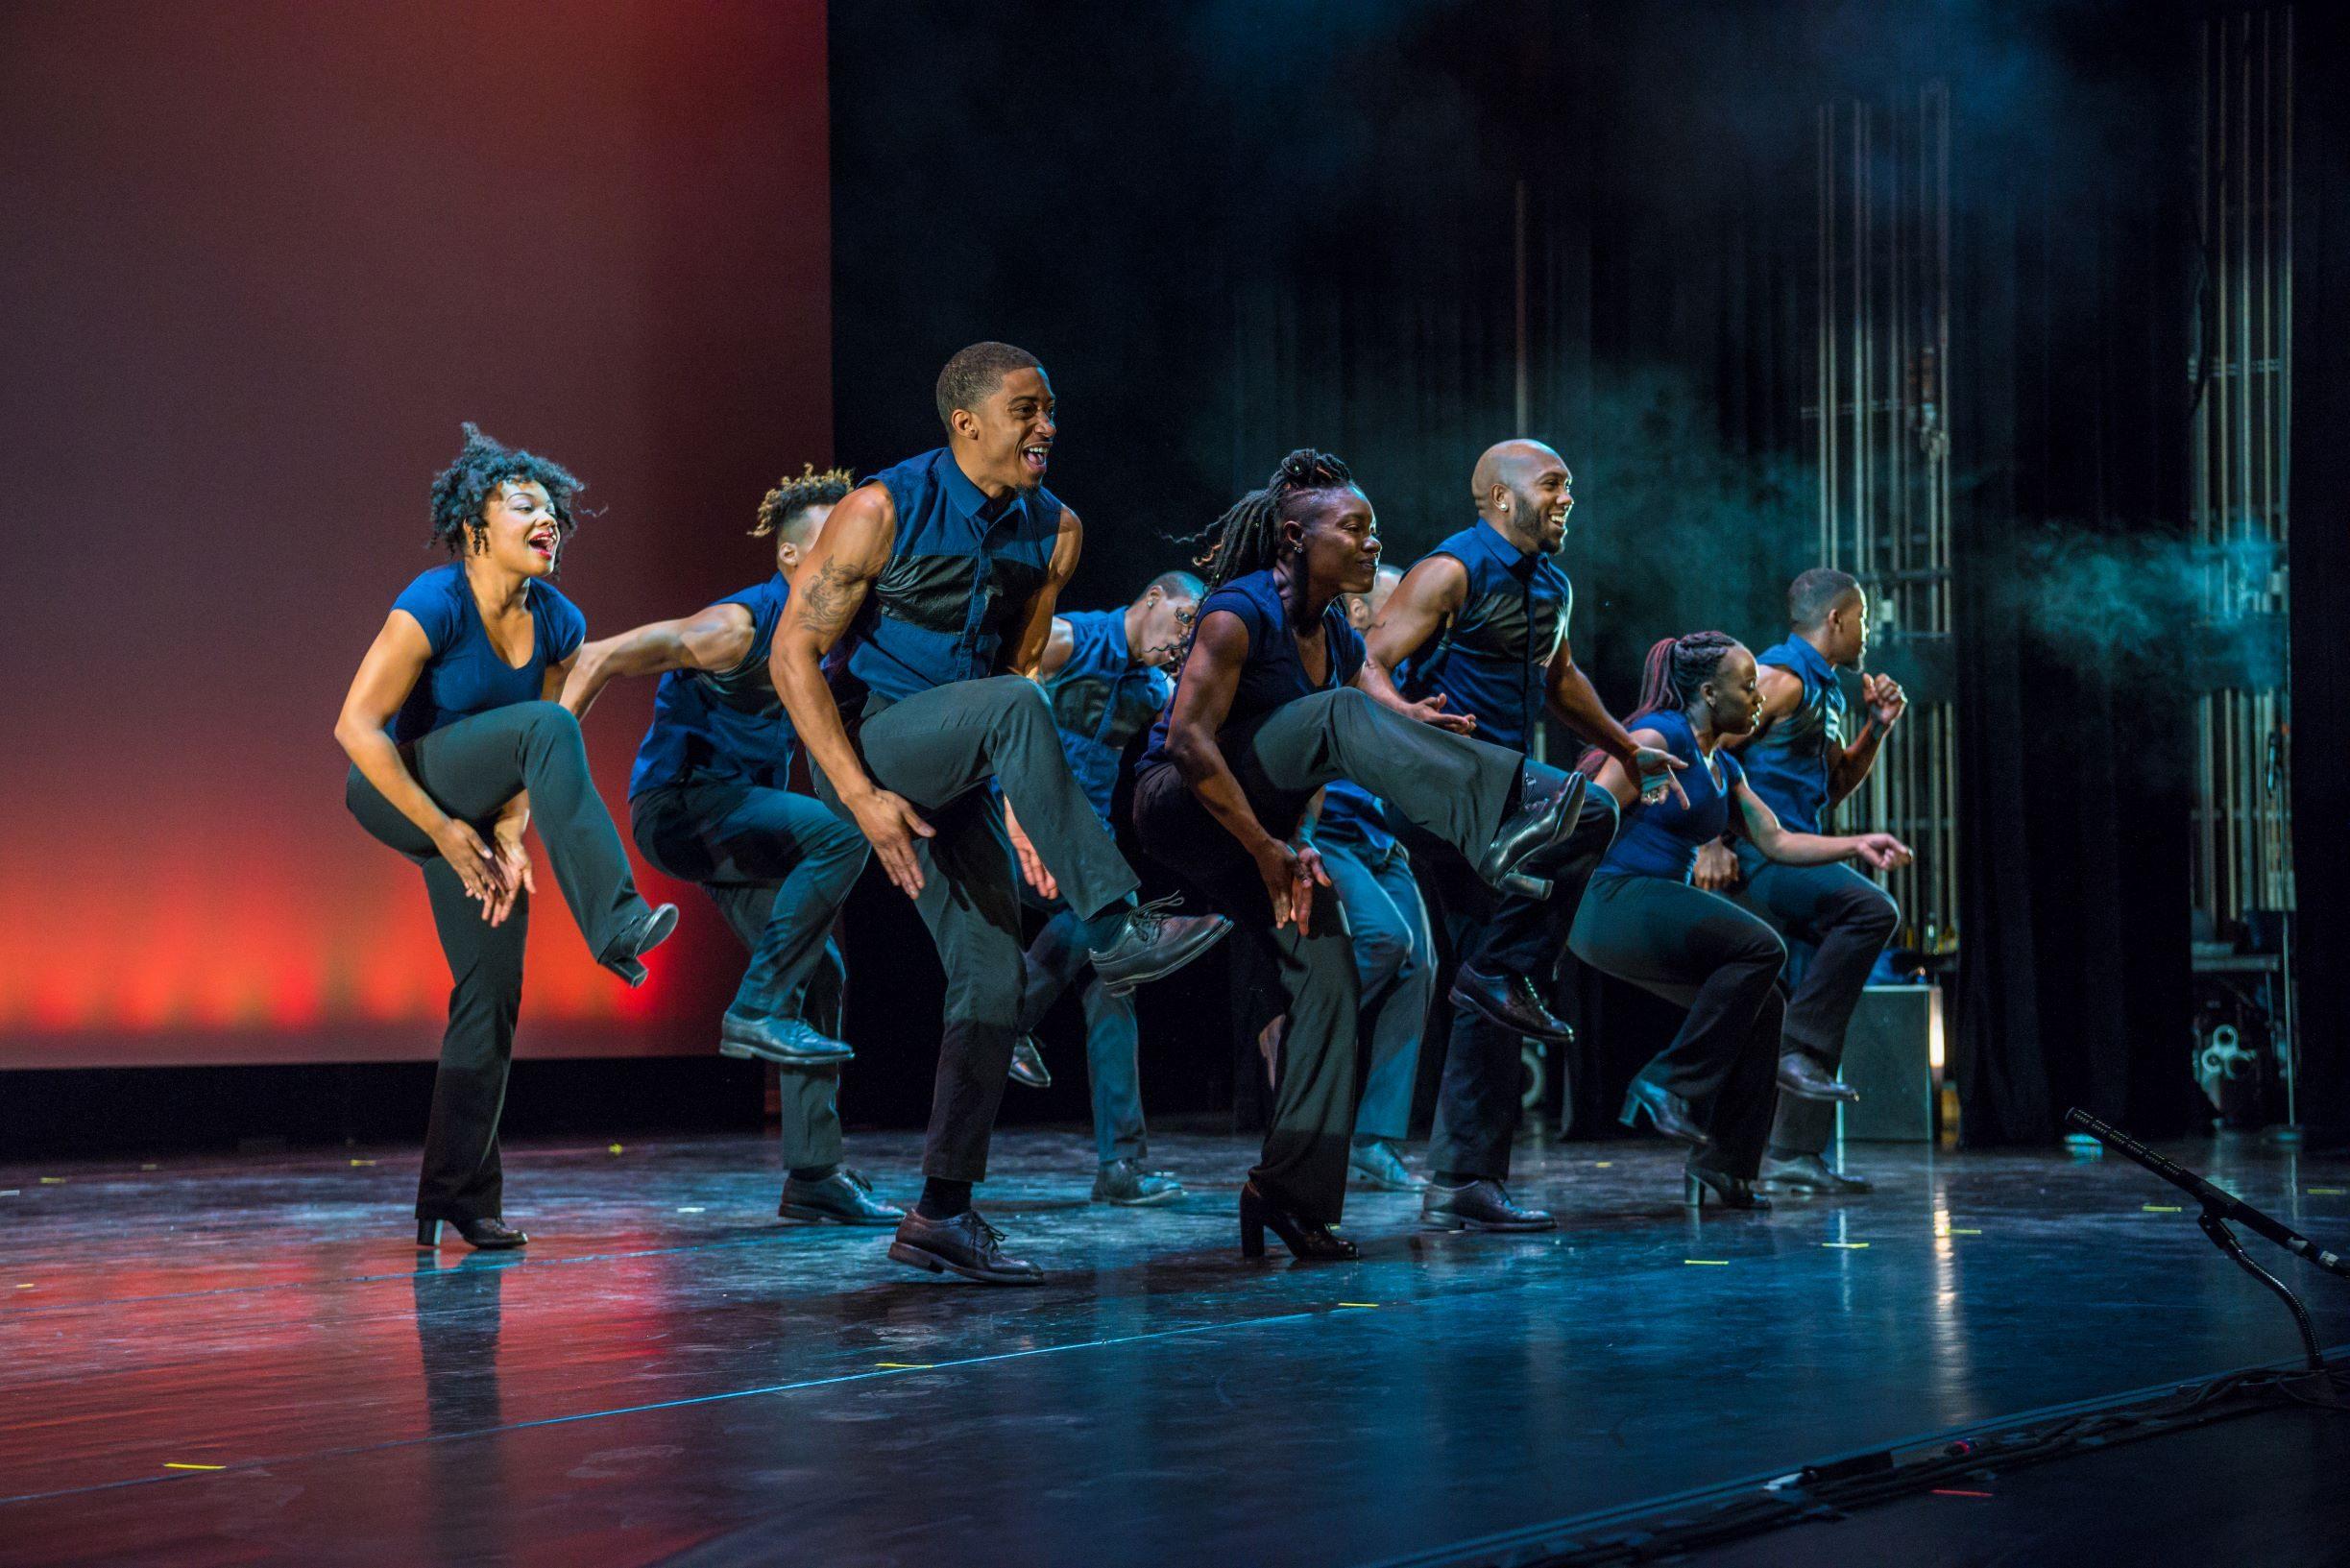 Performers-in-Step-Afrika